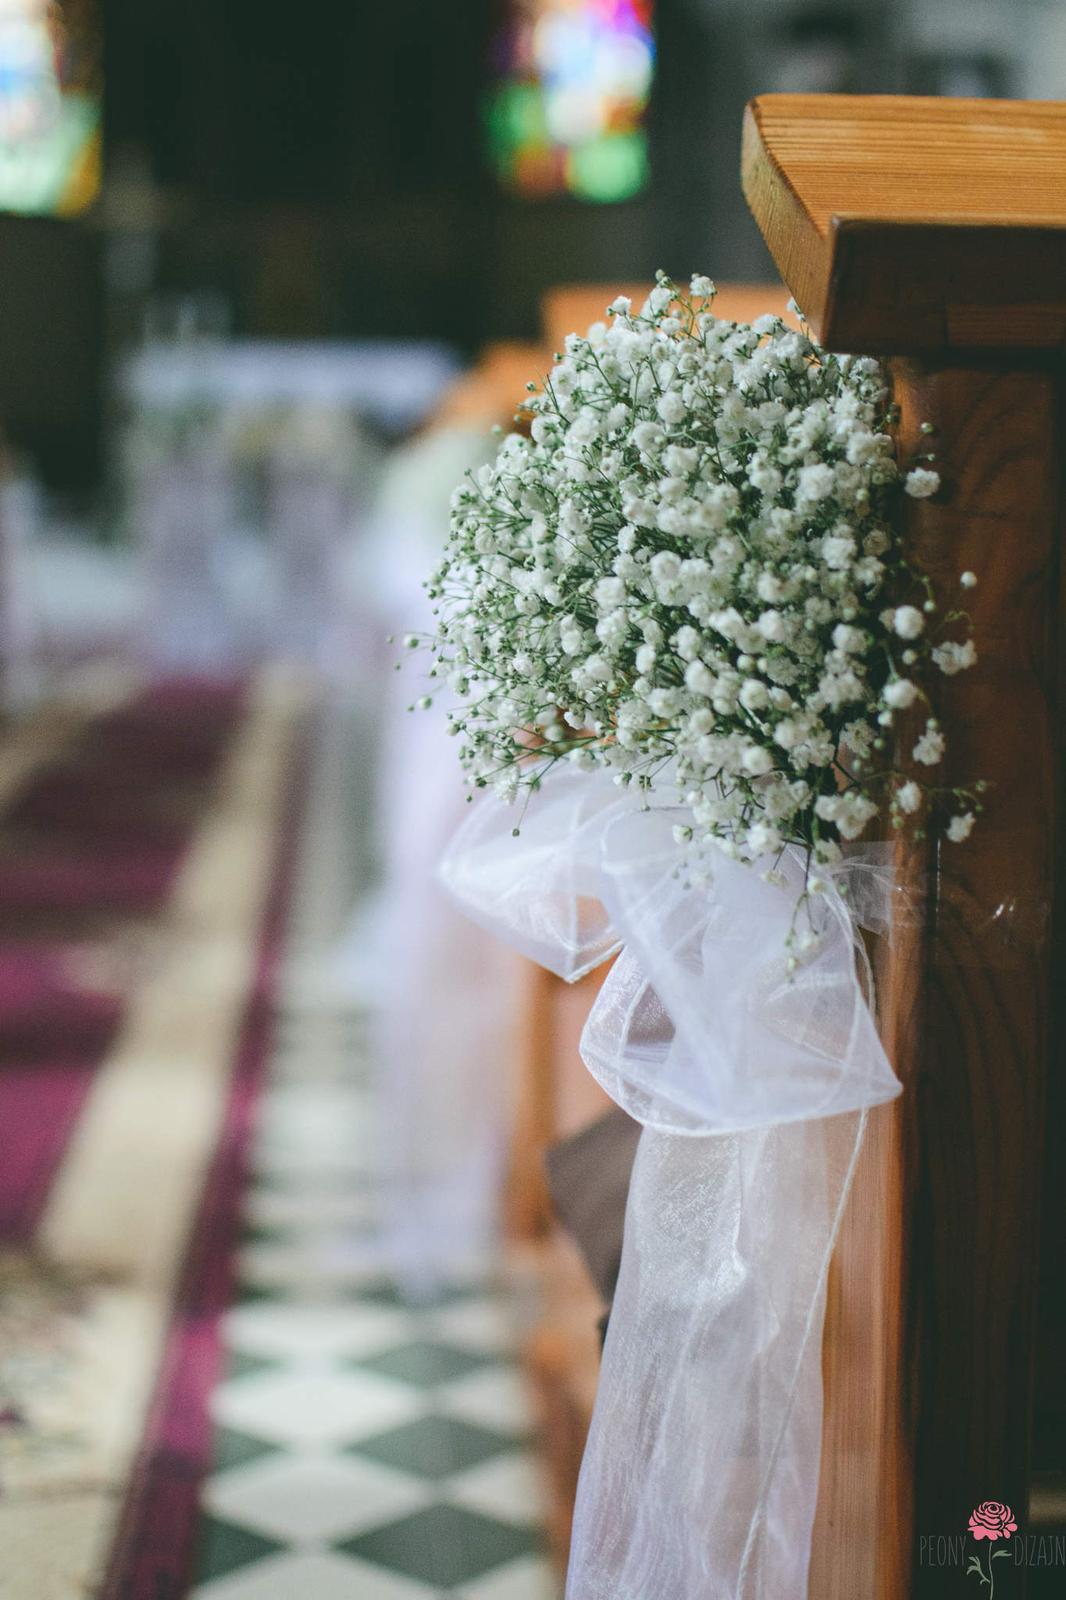 M∞P wedding ideas - takto si predstavujem výzdobu kostola